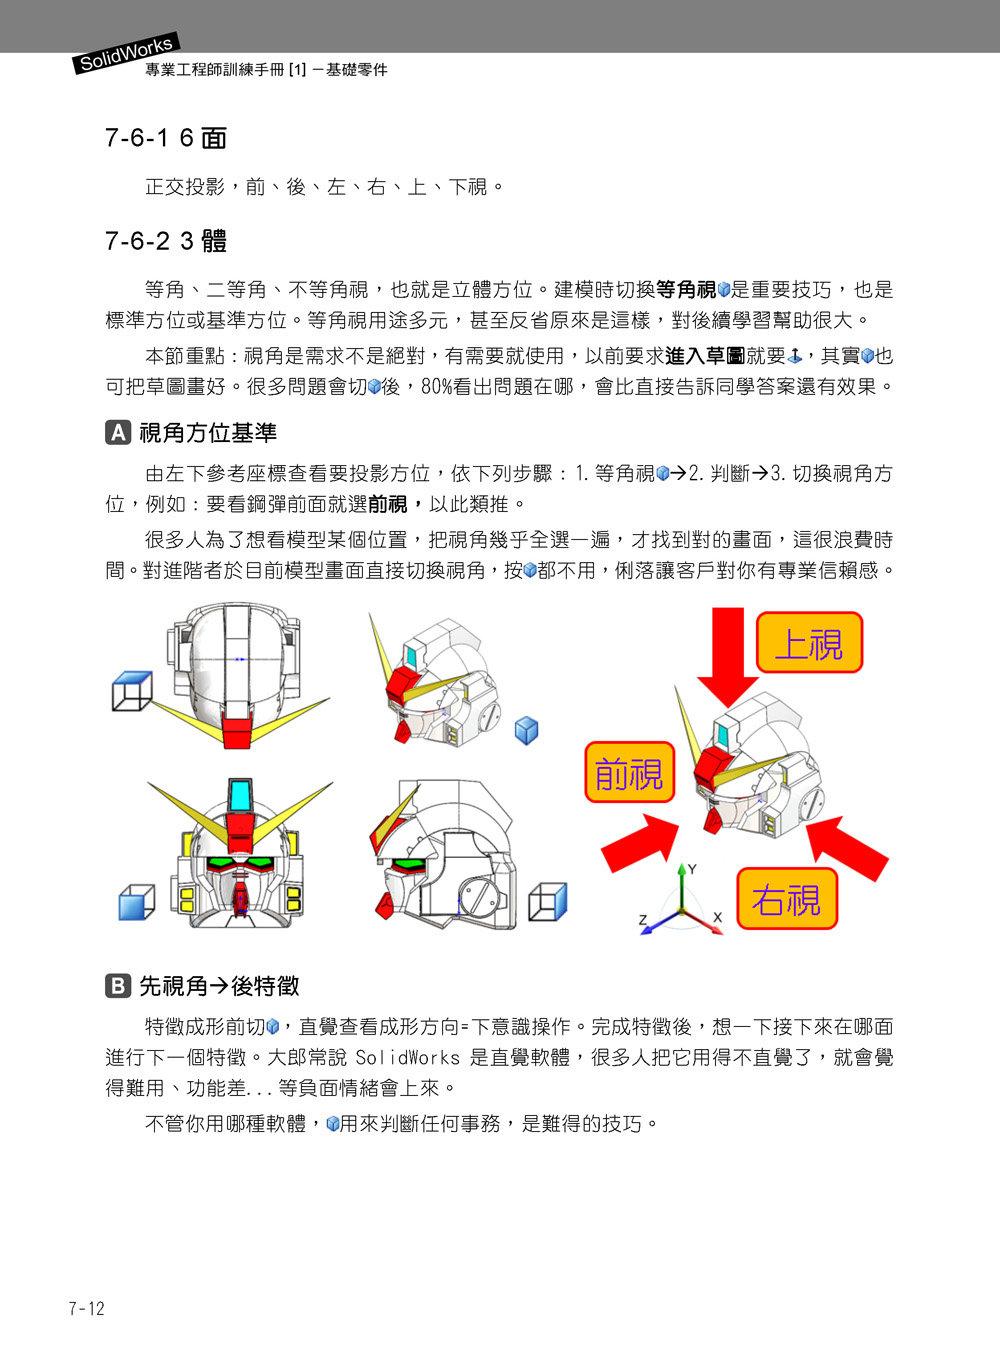 SolidWorks專業工程師訓練手冊[1]-基礎零件, 2/e-preview-5